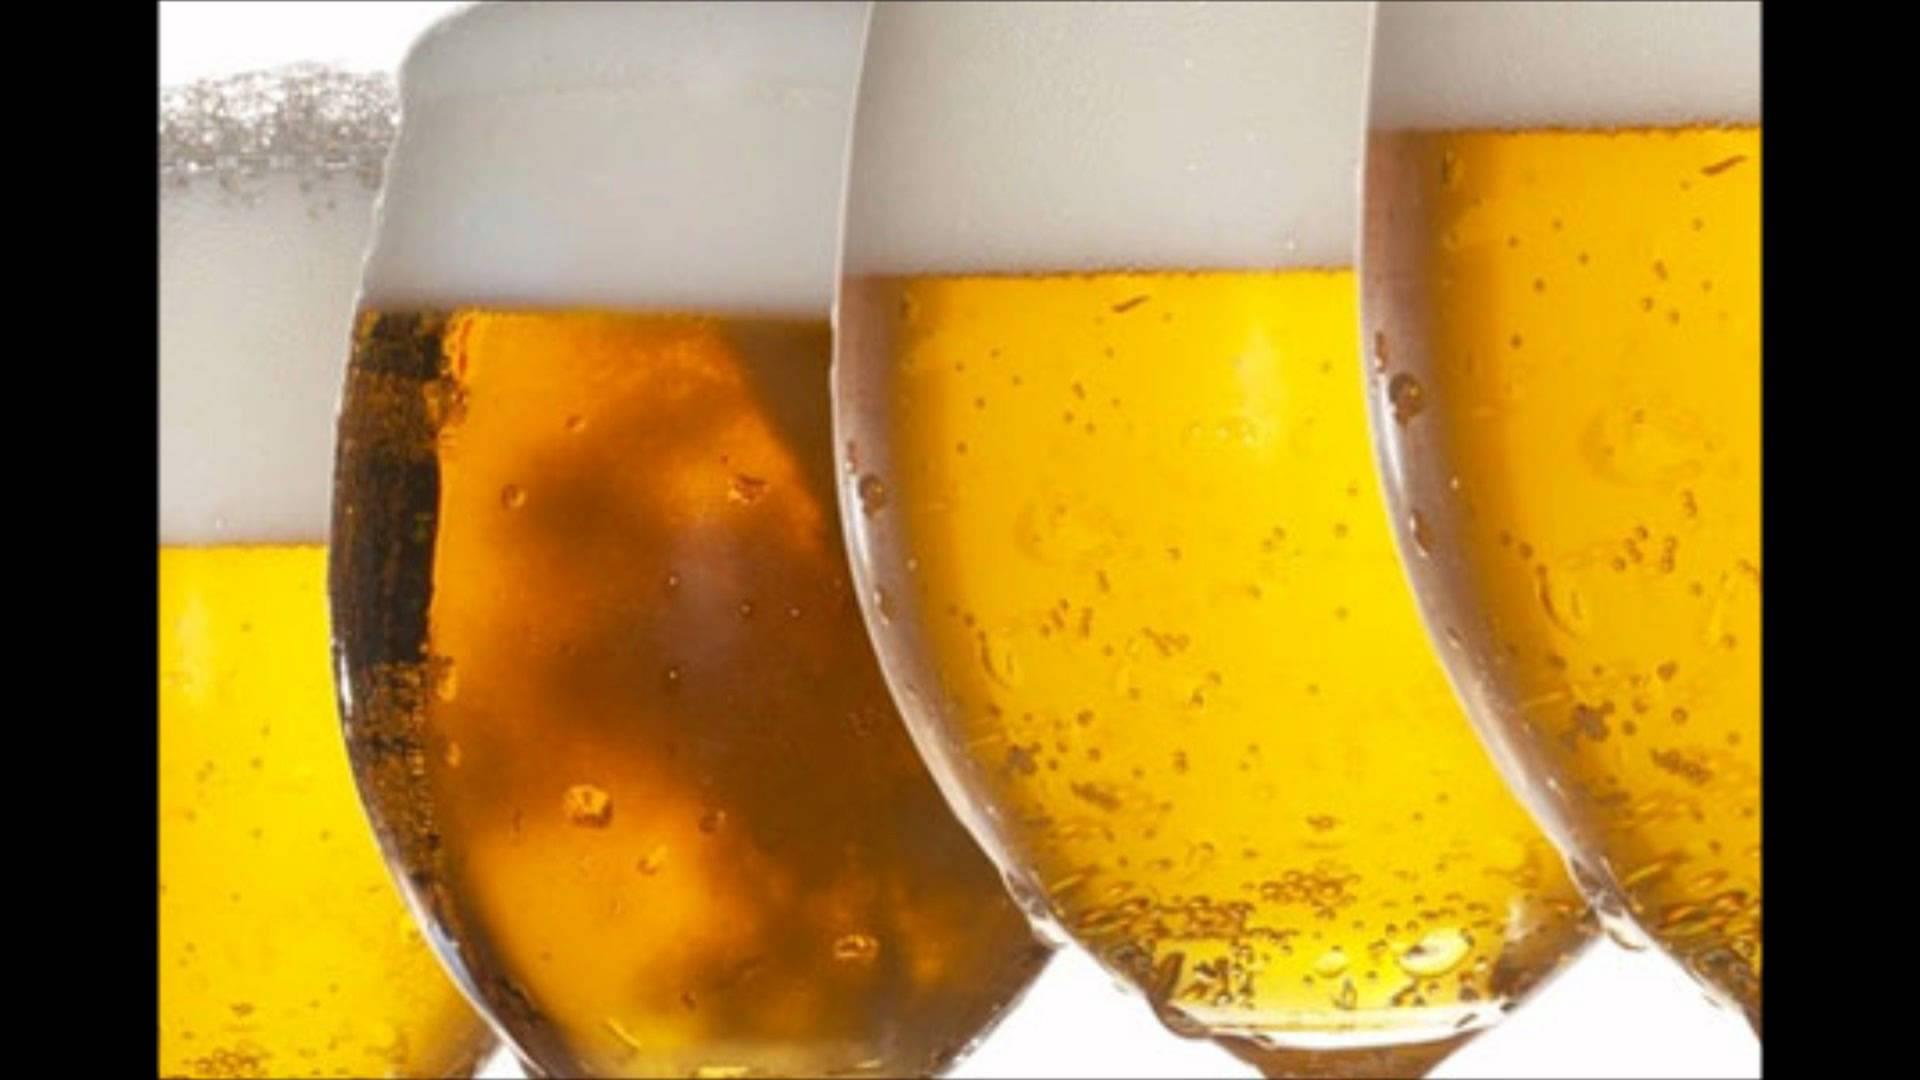 Comprovado Cerveja Consumida Moderamente faz Bem para Saúde